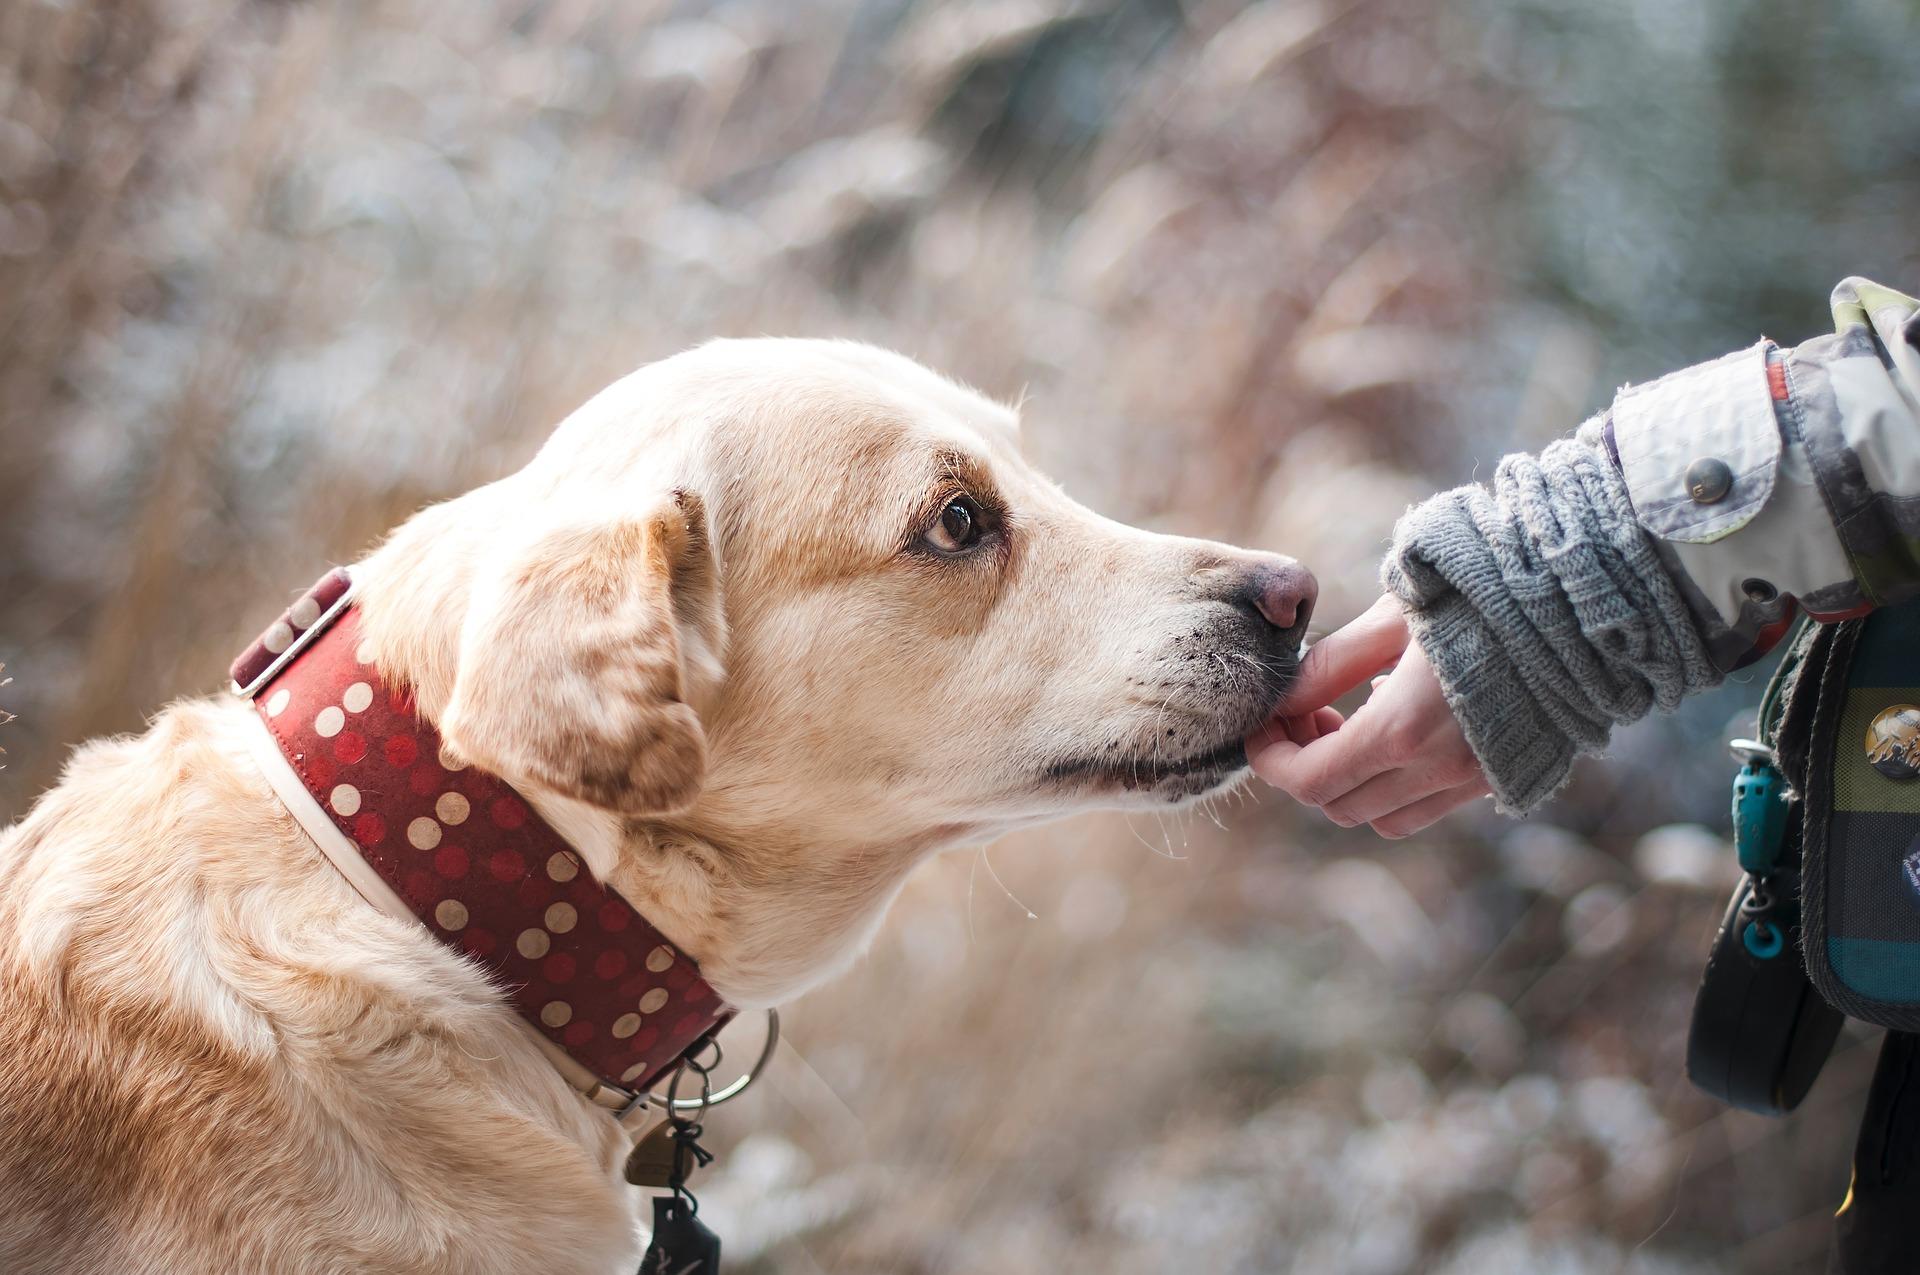 Μάξιμος με Πέτσα: Επιβεβλημένη η αντιμετώπιση των αδέσποτων ζώων – Μετέφερε τις ενστάσεις των κυνηγών για τα ζώα συντροφιάς